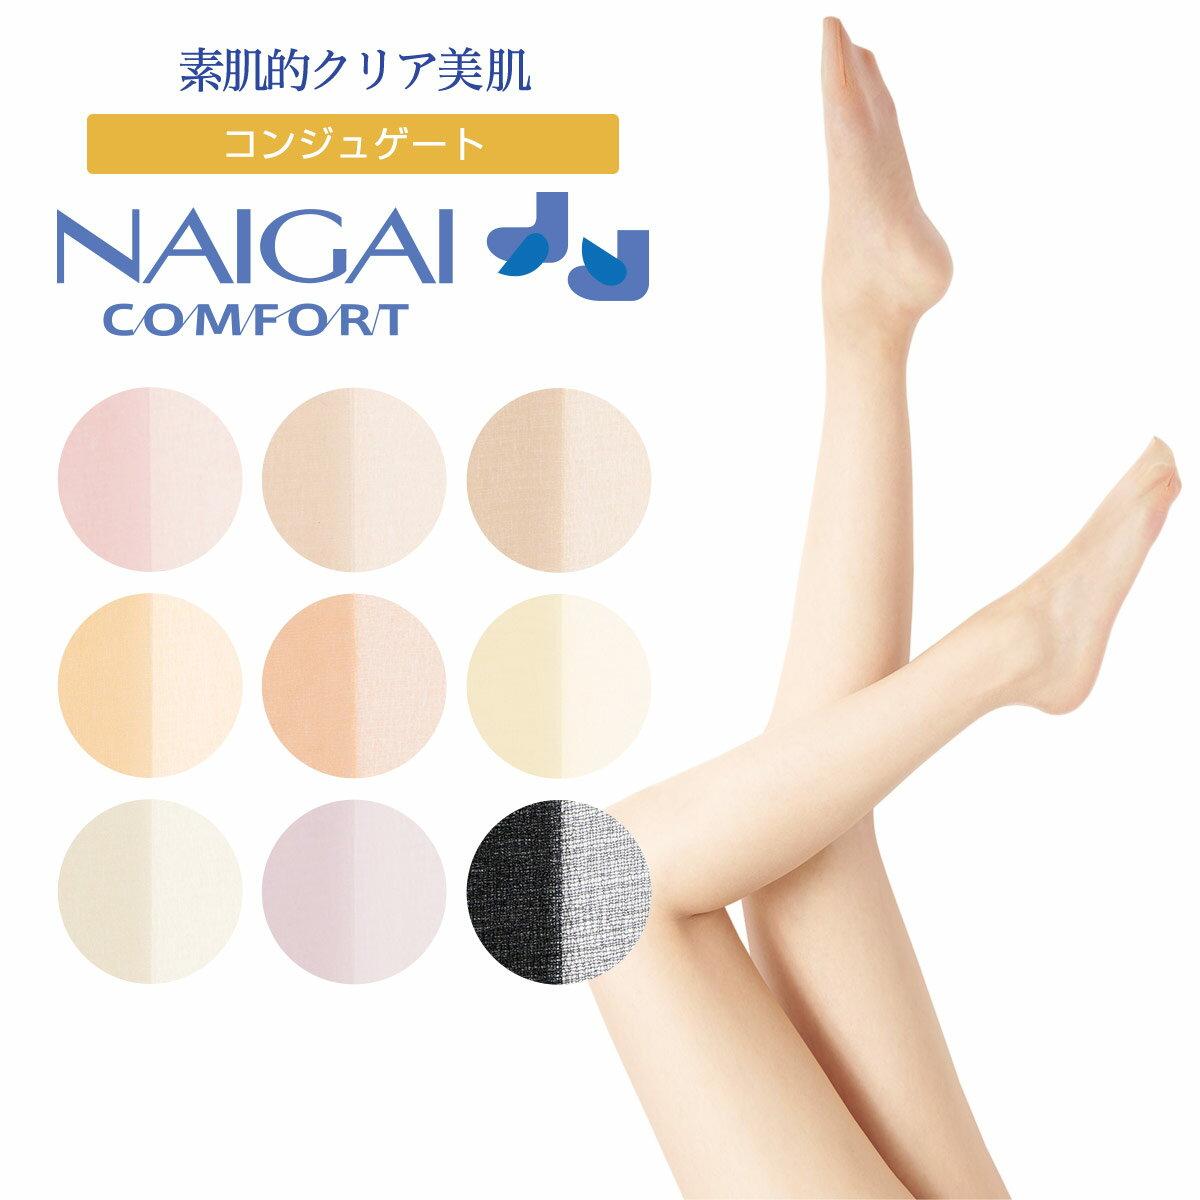 日本製素肌的クリア美肌コンジュゲートウエストゆったりゴム使用つま先補強レディースパンティストッキングパンストNAIGAICOMFORTナイガイコンフォートナイガイ製01003004母の日プレゼントギフト